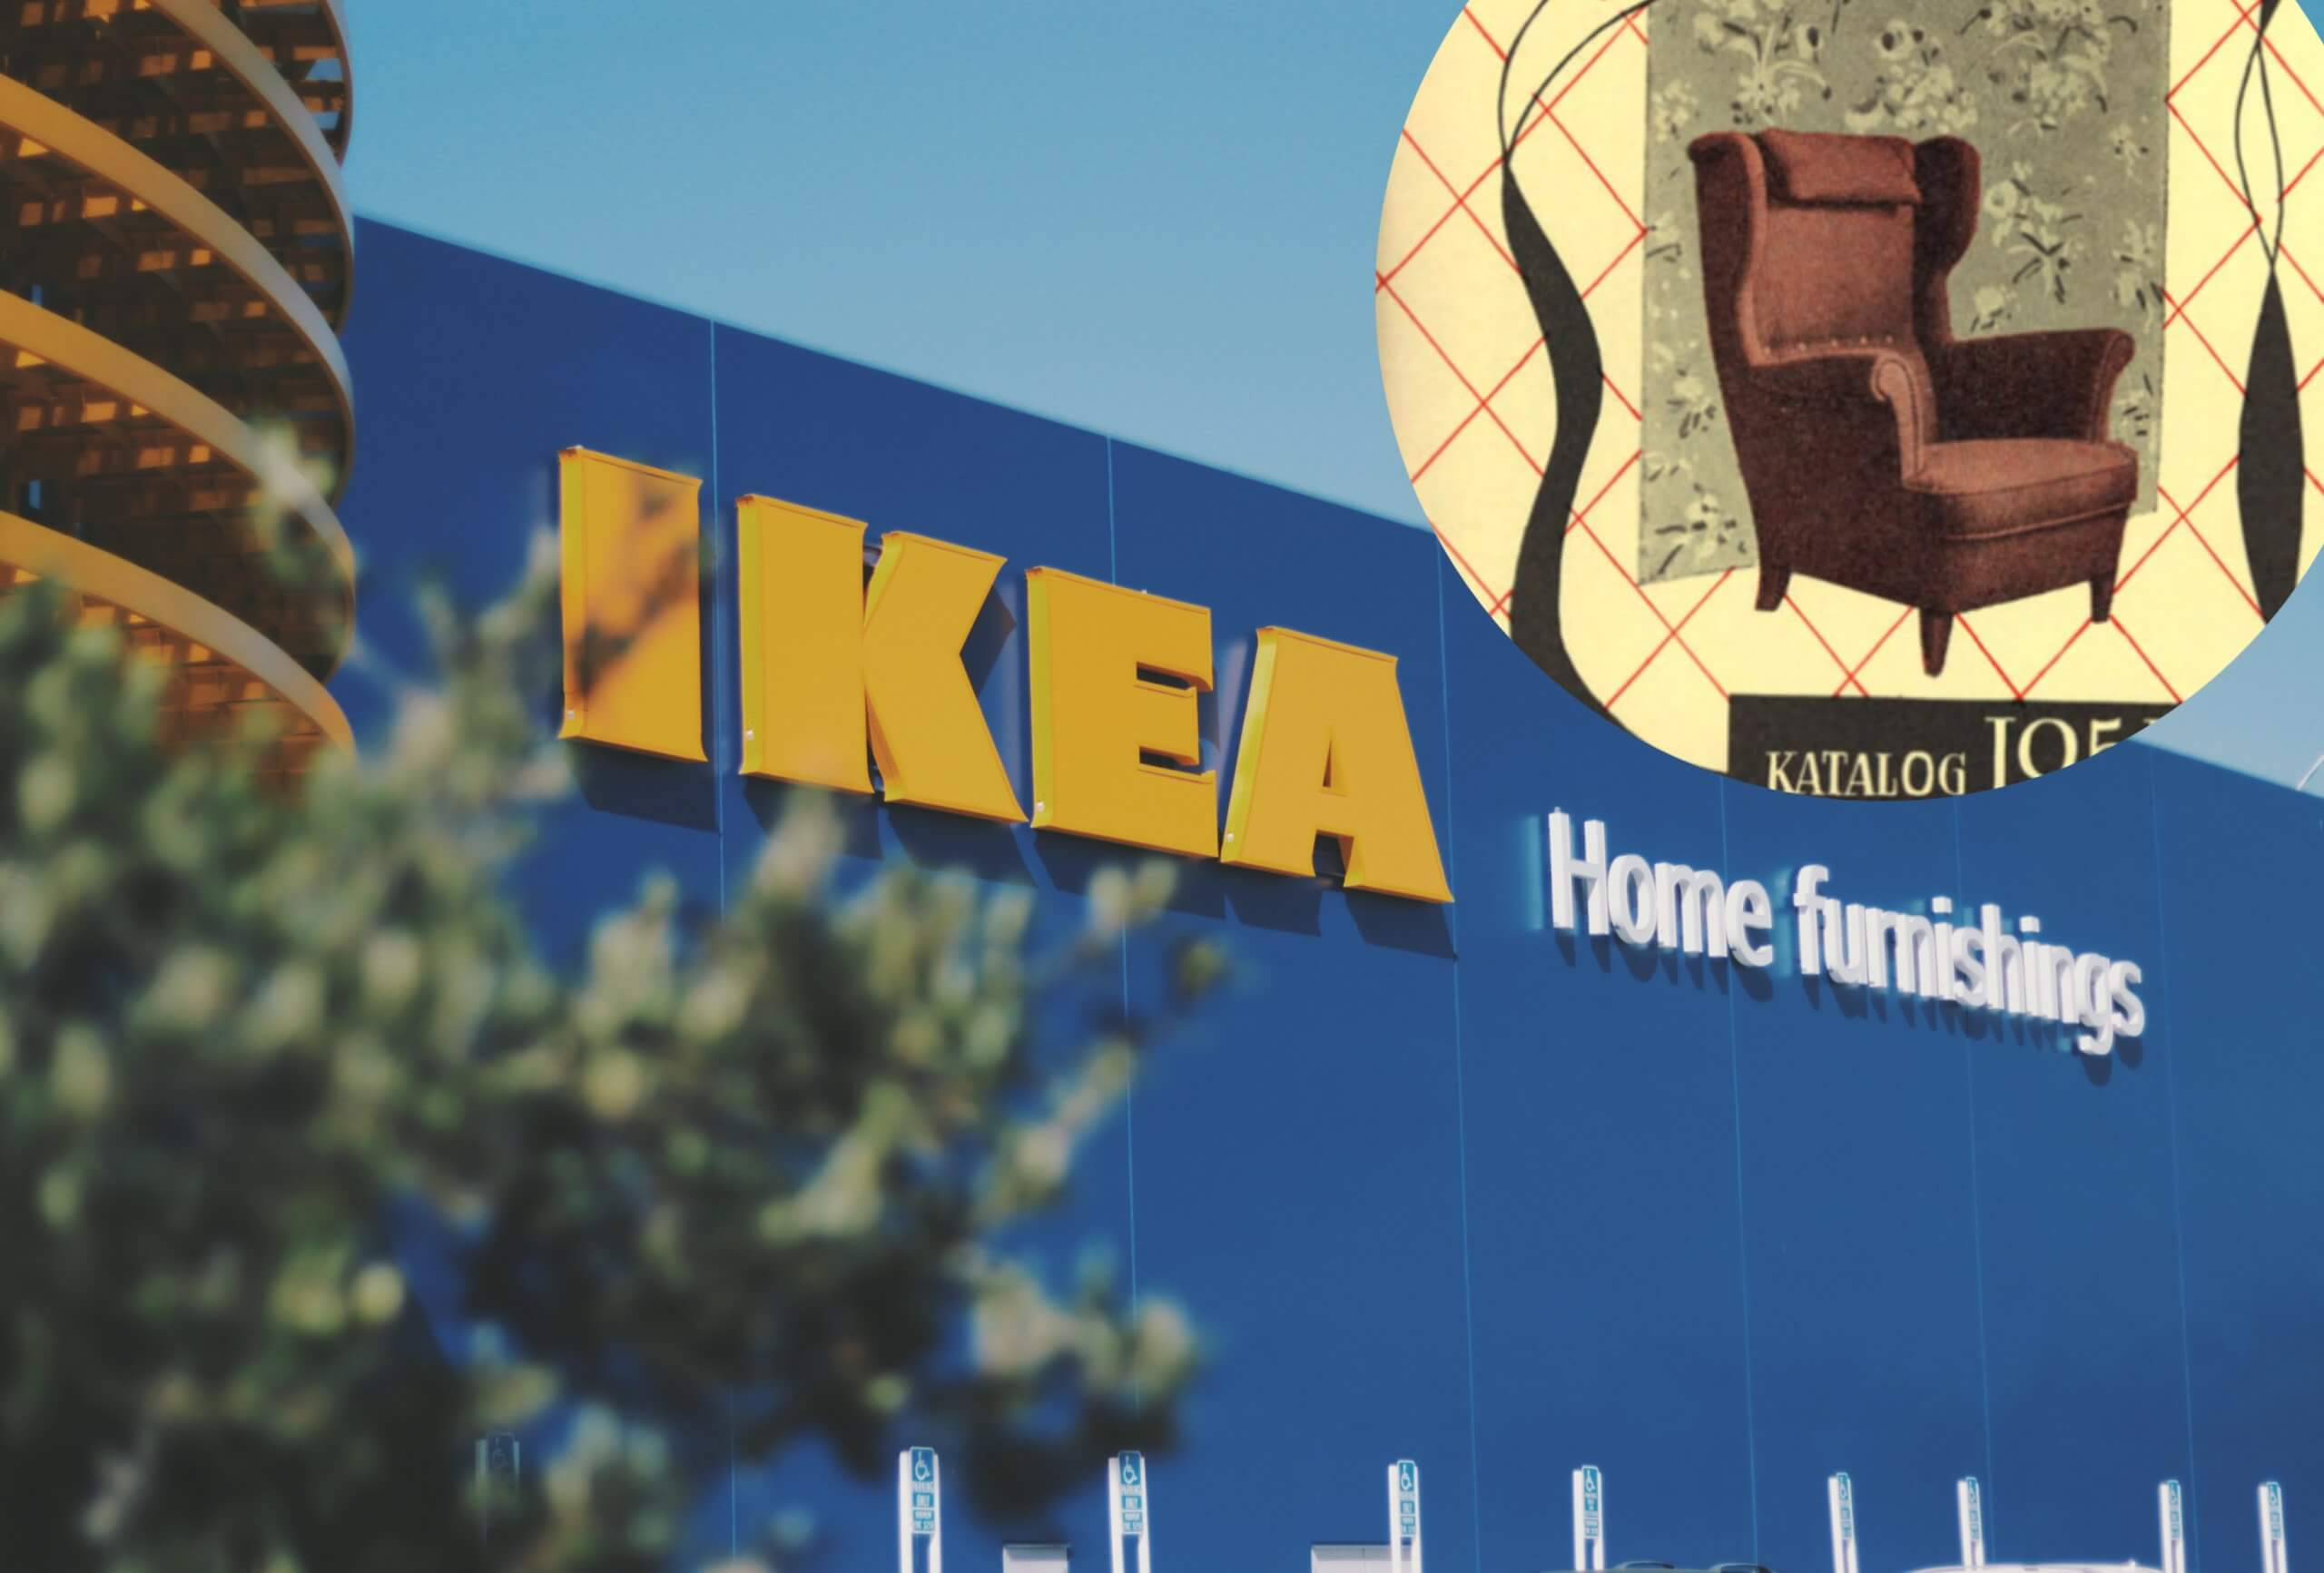 IKEA više ne tiska kataloge, ali zato online možete prelistati one iz 50-ih